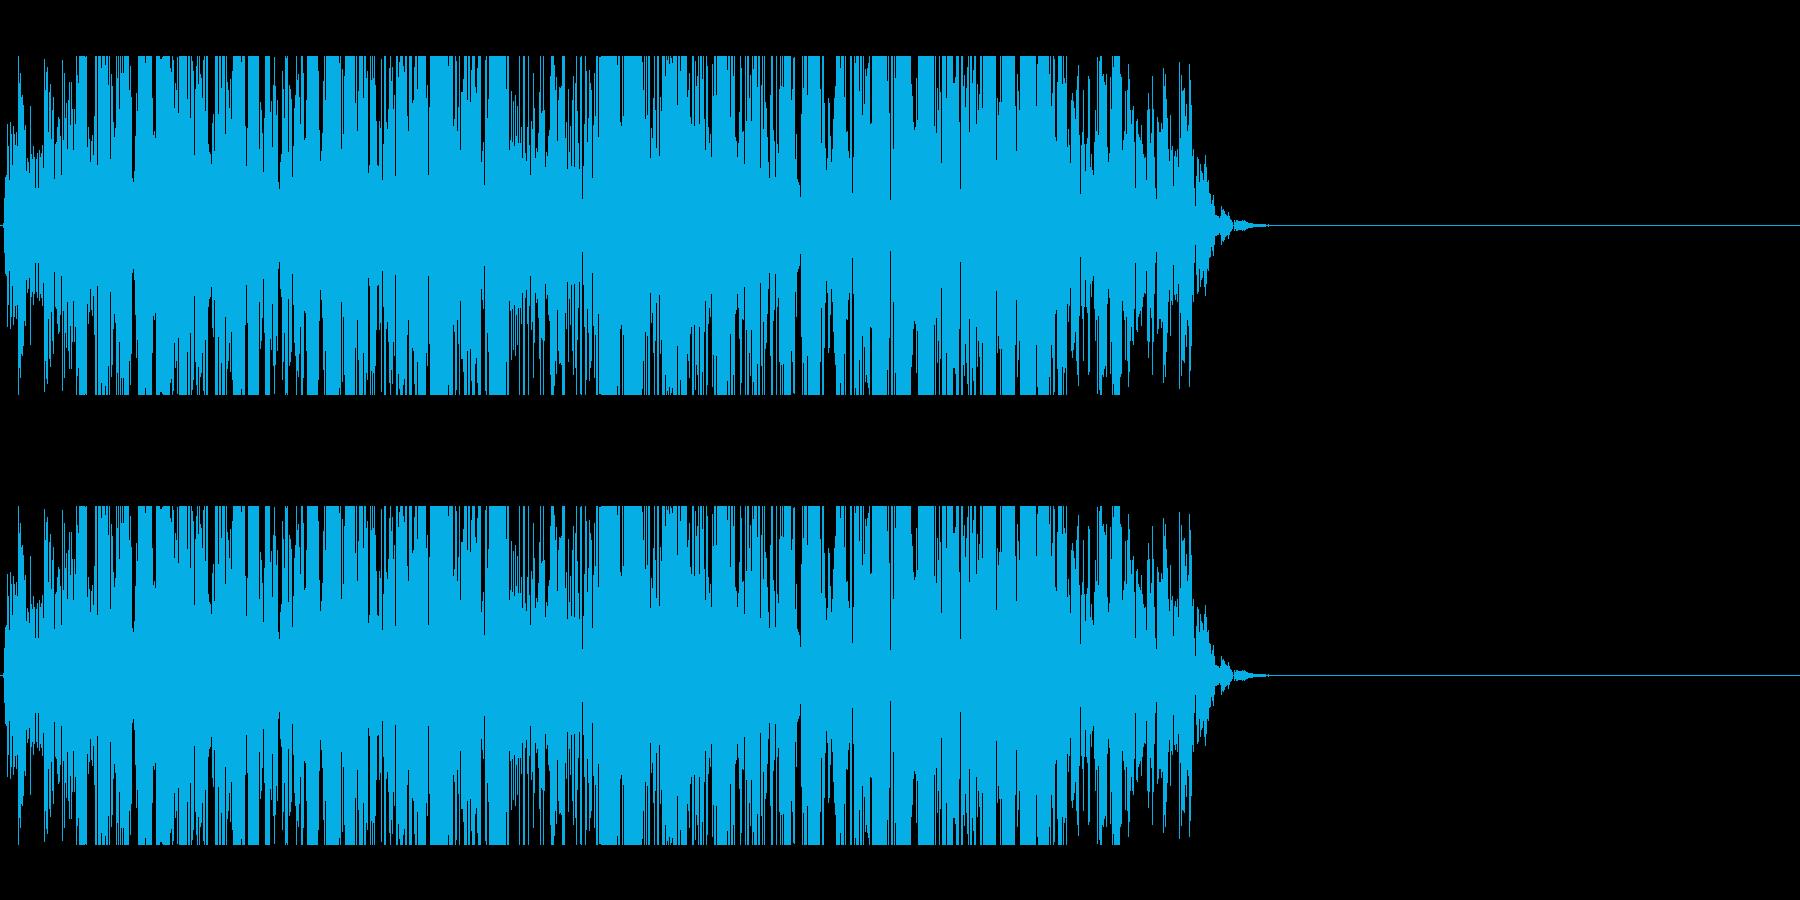 ズバッと斬る_05(刀・刺す・斬撃系)の再生済みの波形